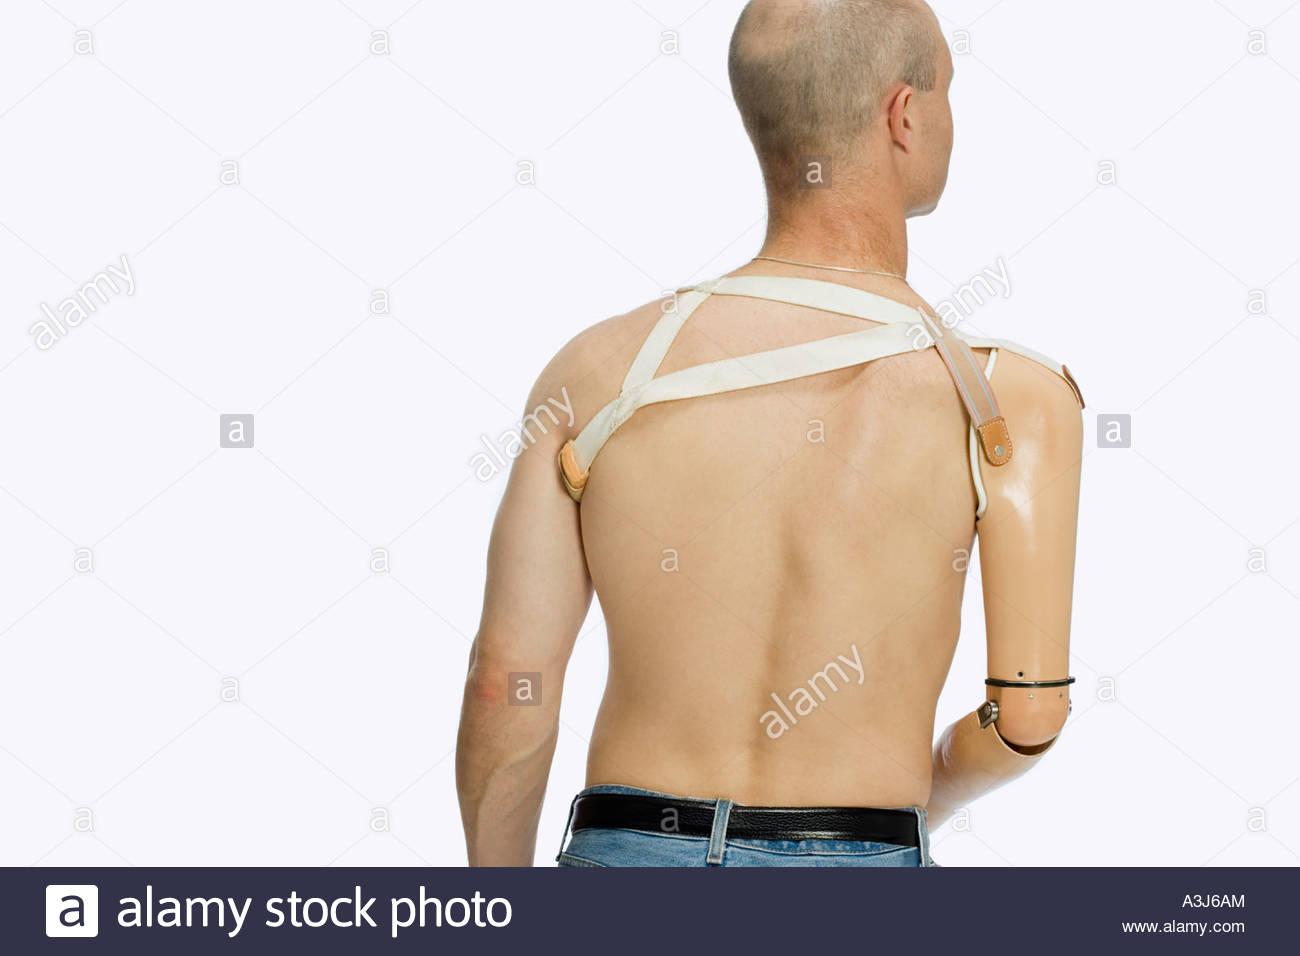 Vue arrière d'un homme avec un membre artificiel Banque D'Images